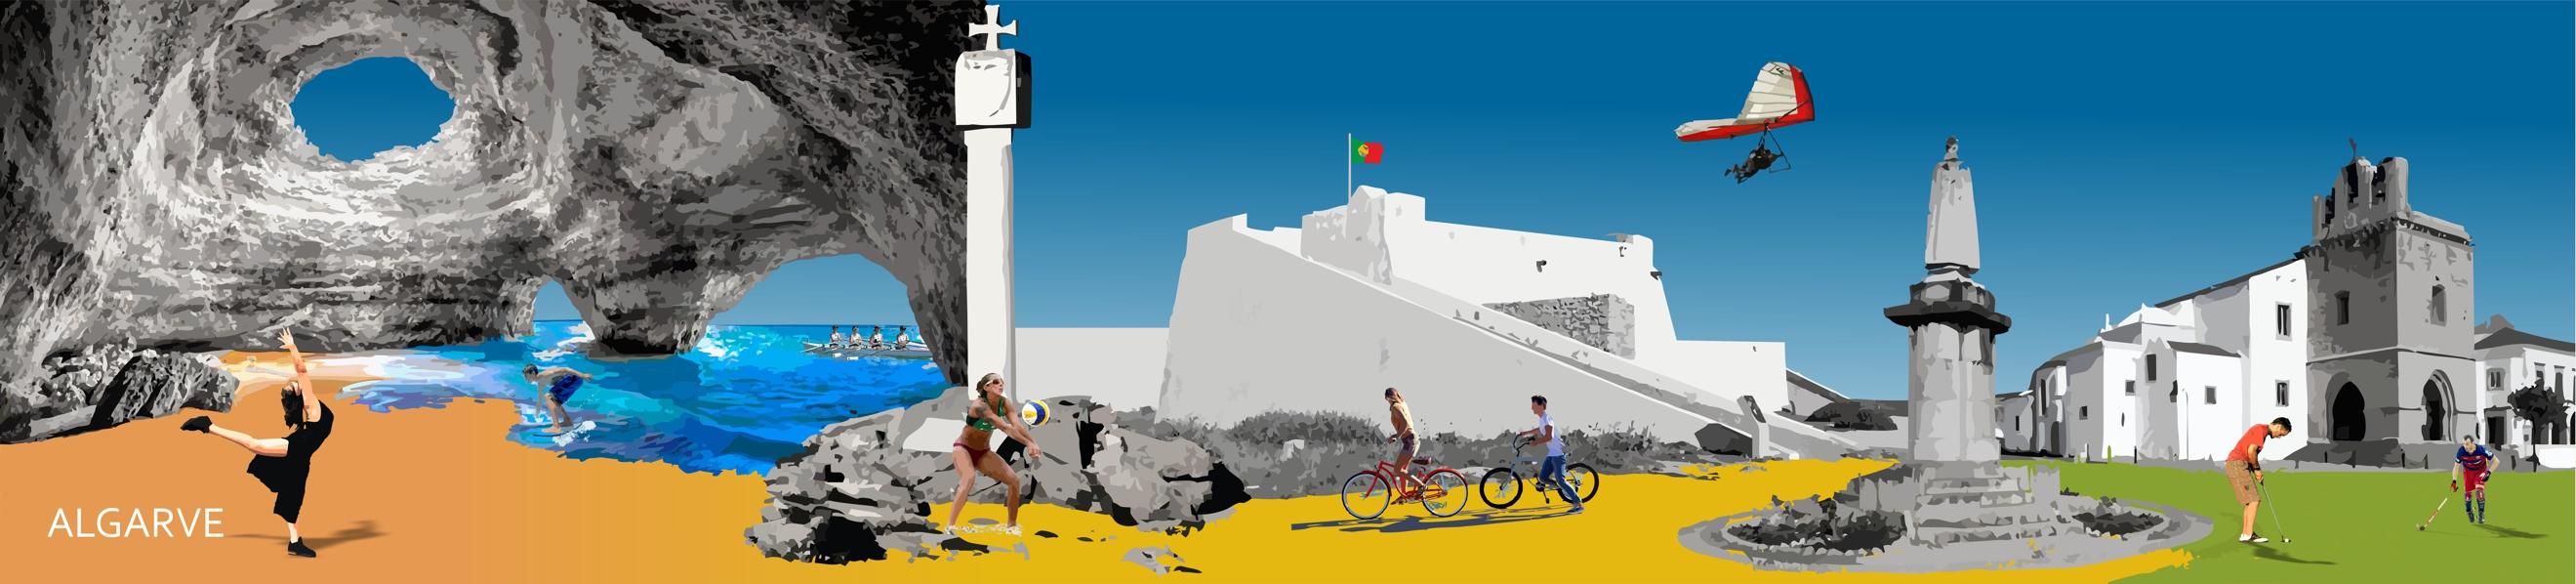 Ilustração de locais característicos da região do Algarve com jovens em atividade nesses diferentes locais: a dançar, a andar de bicicleta, a jogar voleibol, golfe, bodyboard..